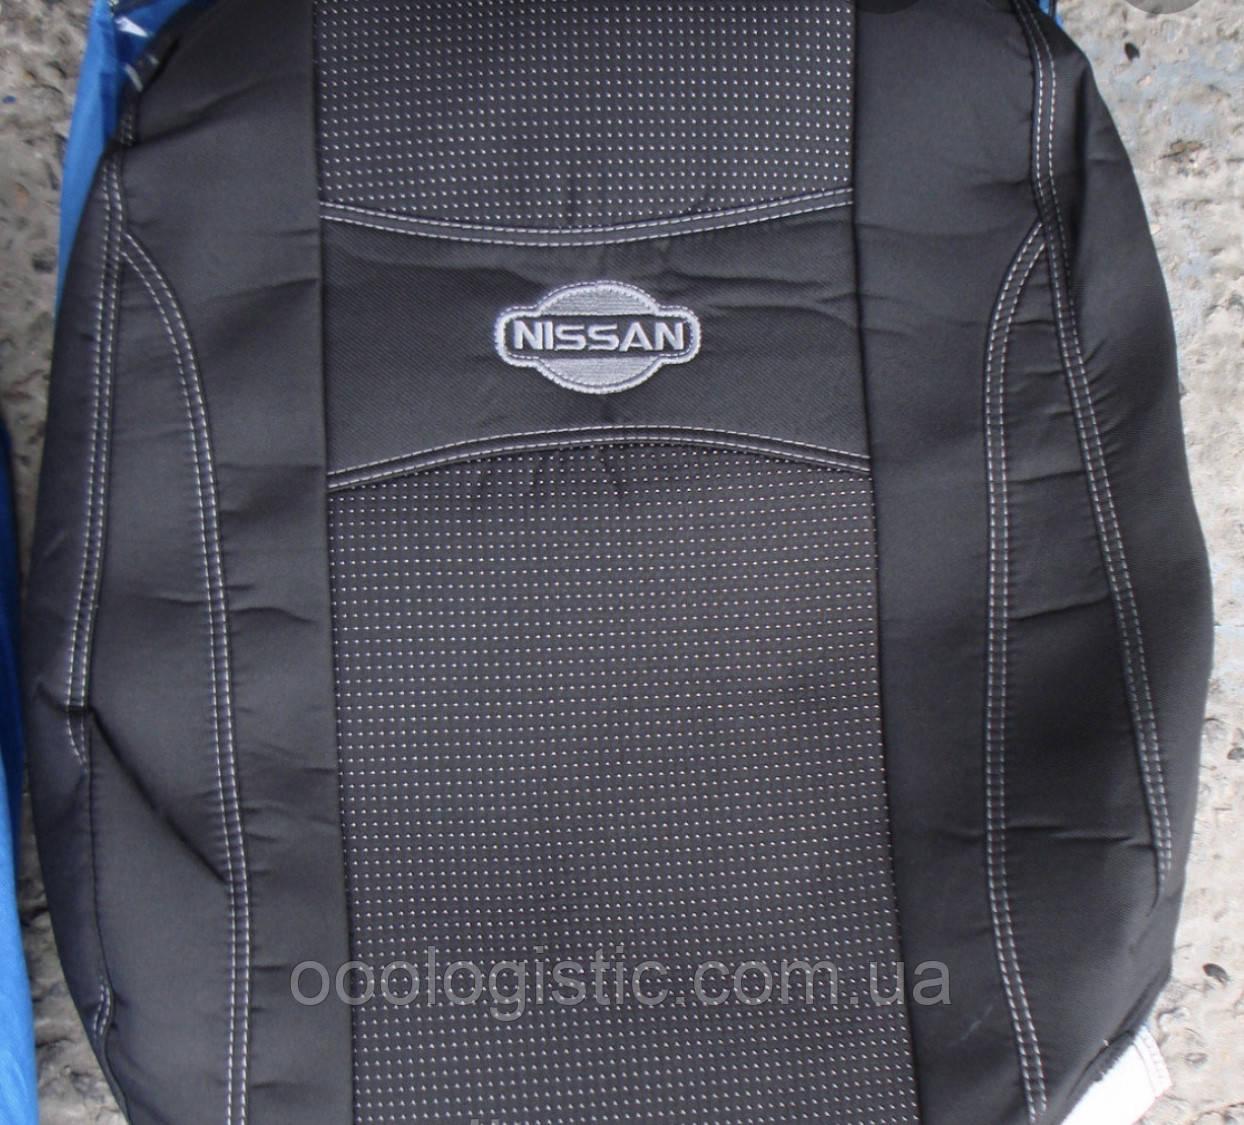 Авточохли Nissan X-Trail T30 2000-07 Nika НІССАН Х Траил